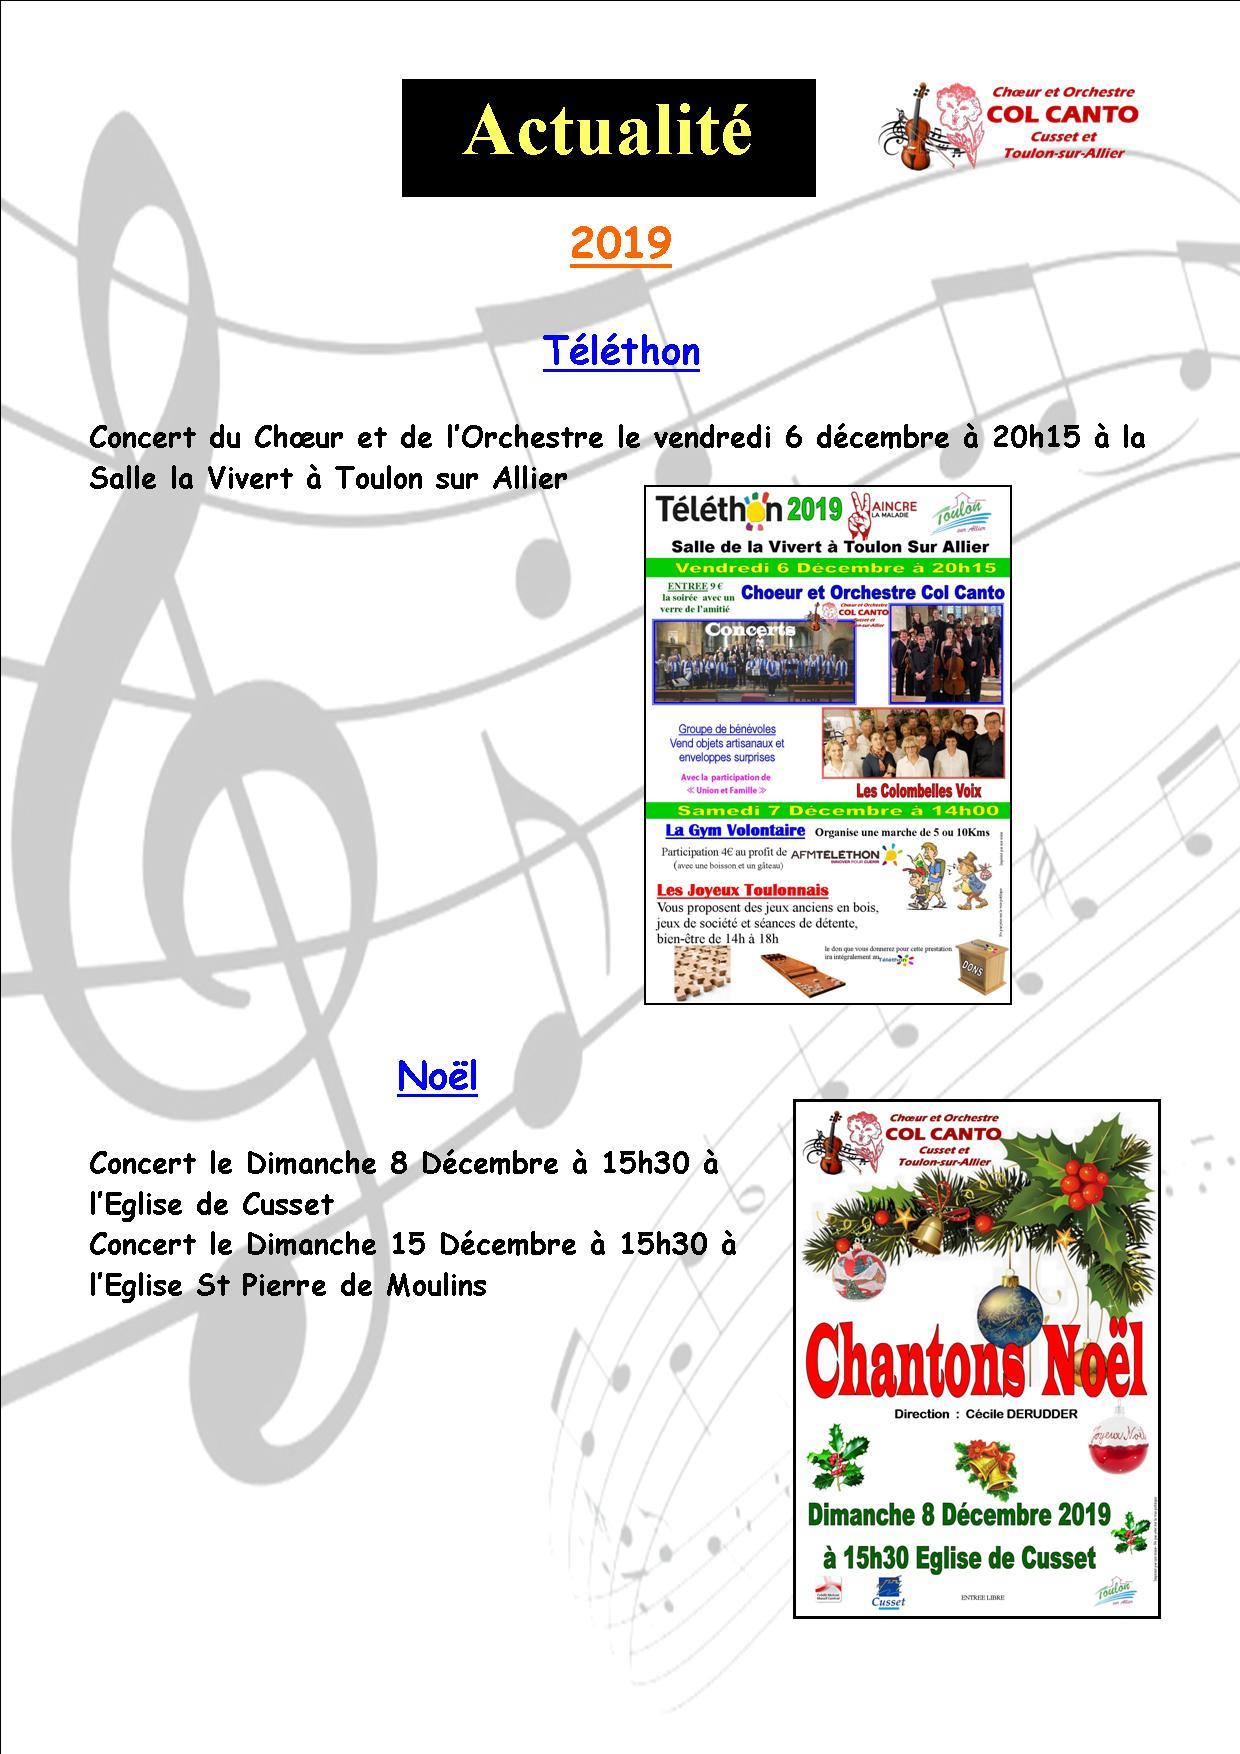 Site nov 19 page 14 15